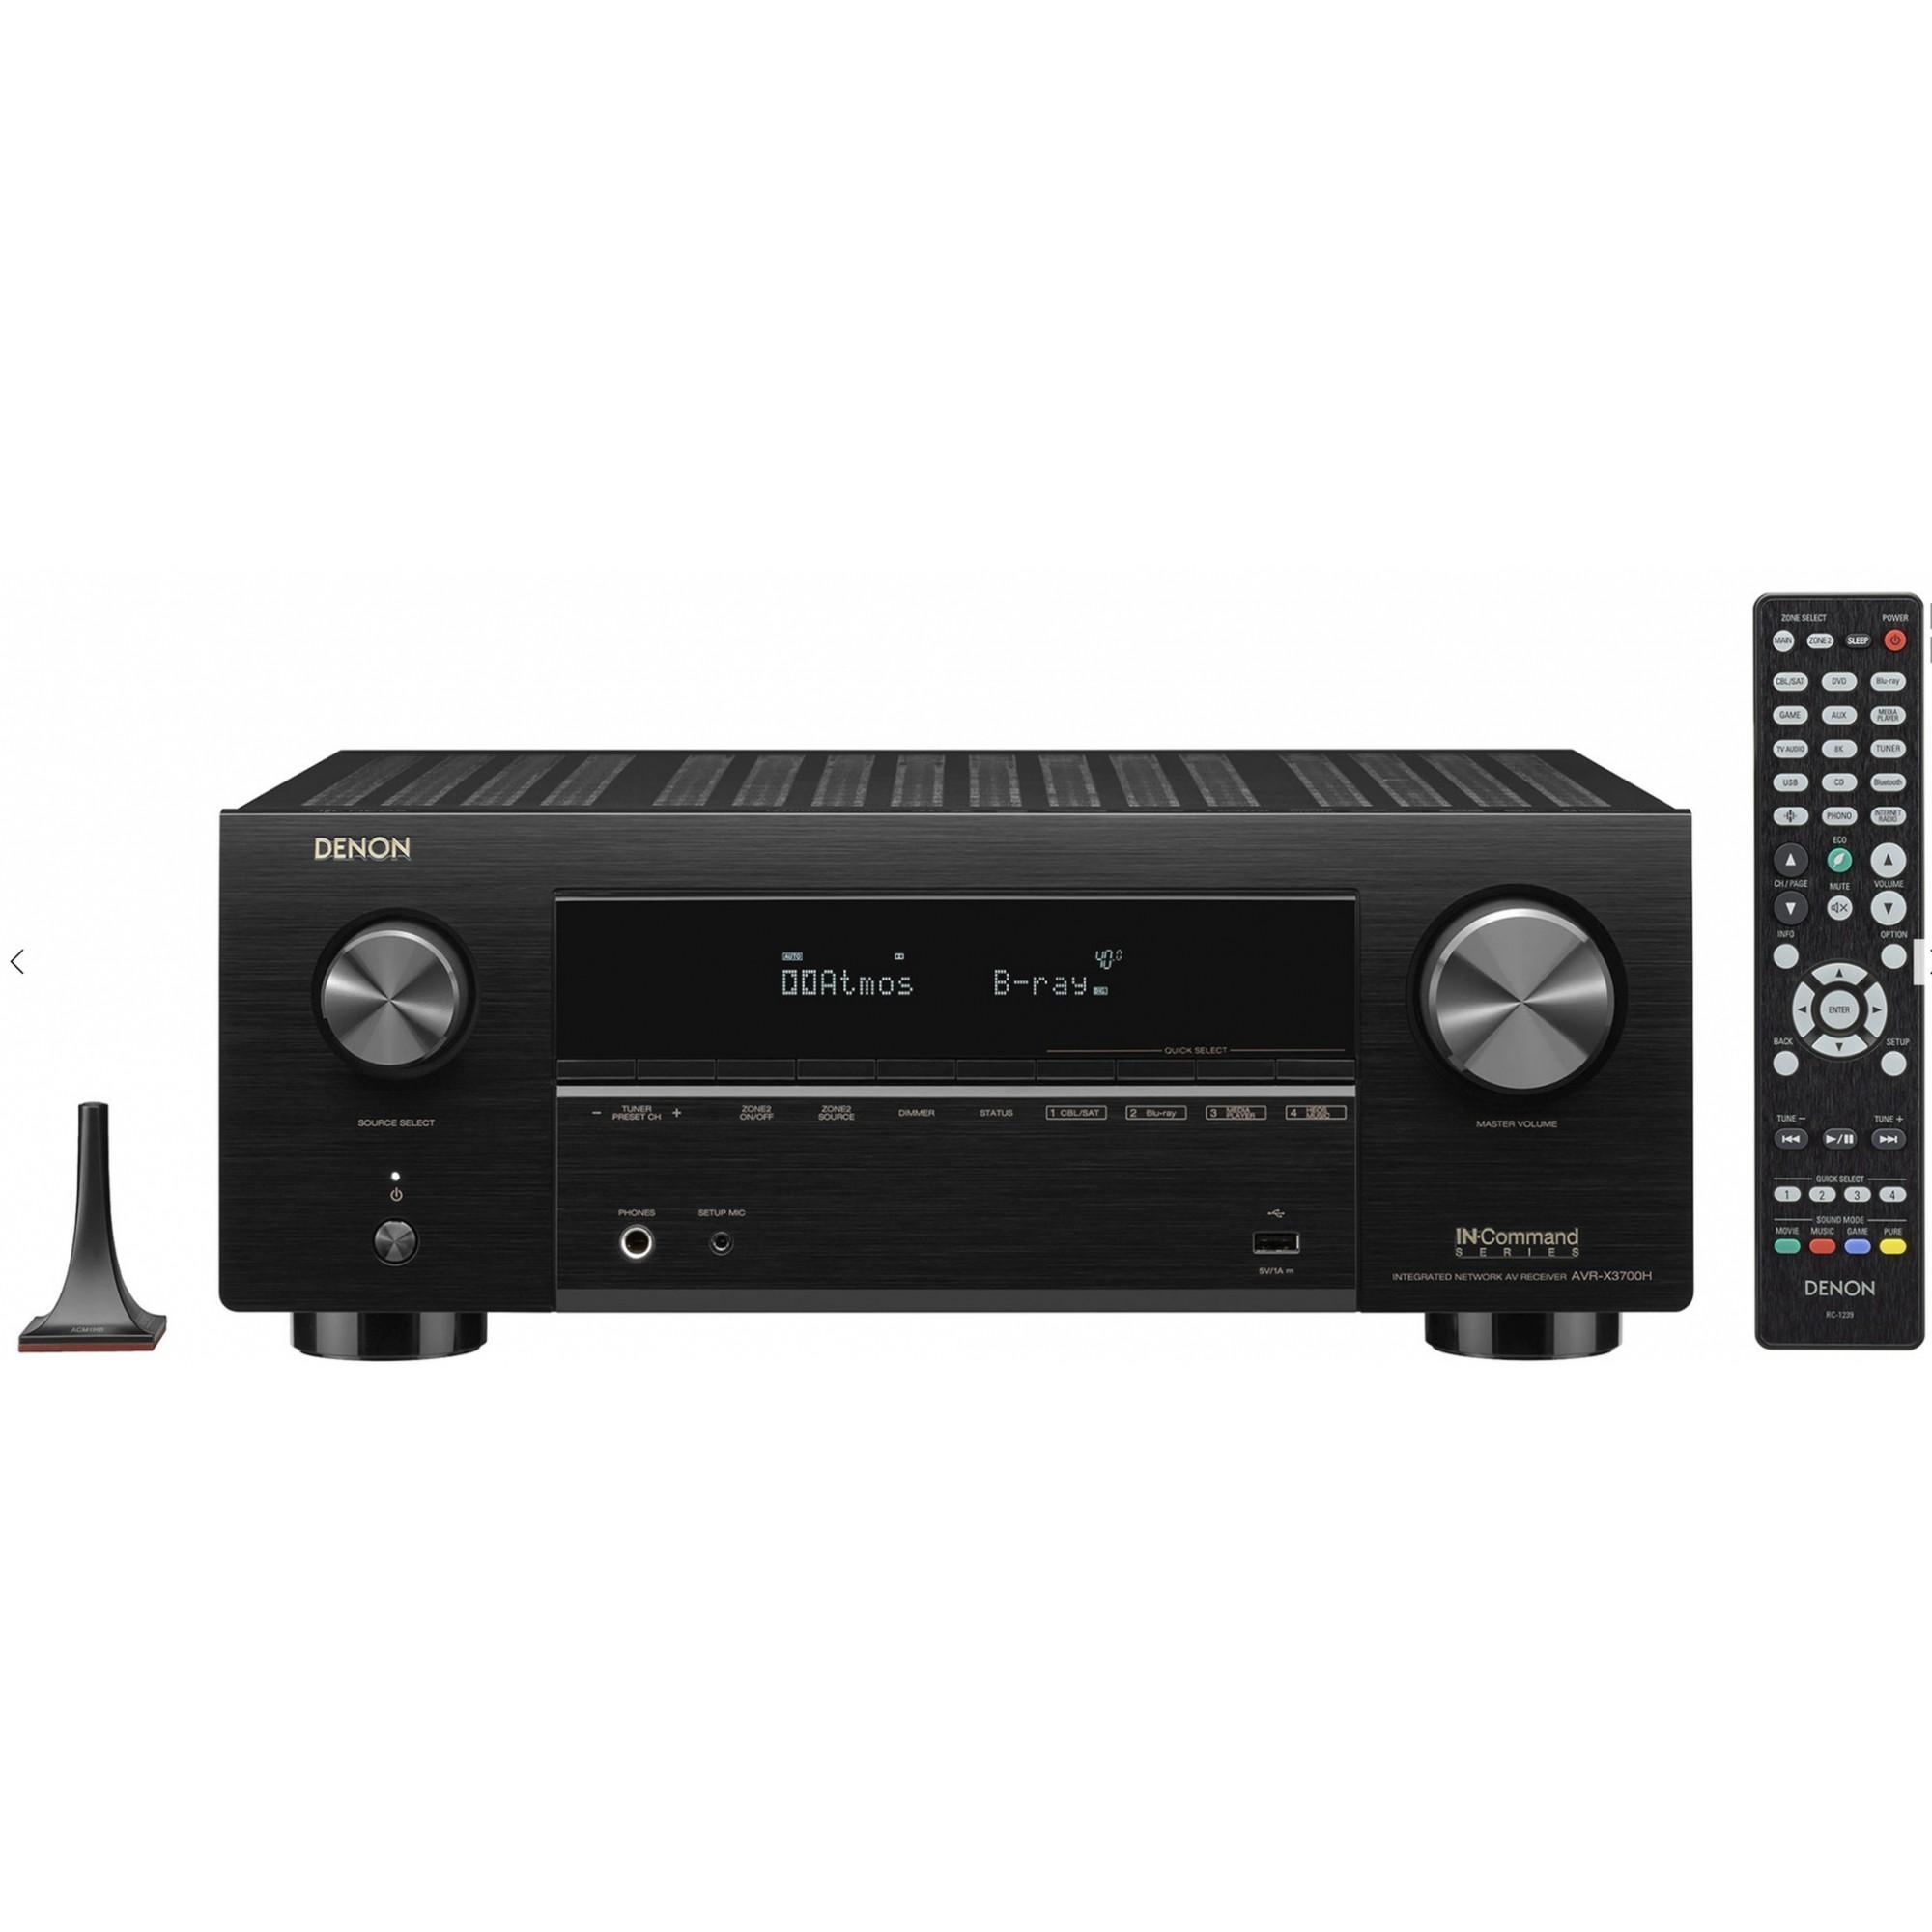 Receiver Denon Avr-x3700h ( 2020 ) 9.2 CH 8k Dolby Atmos - 120v